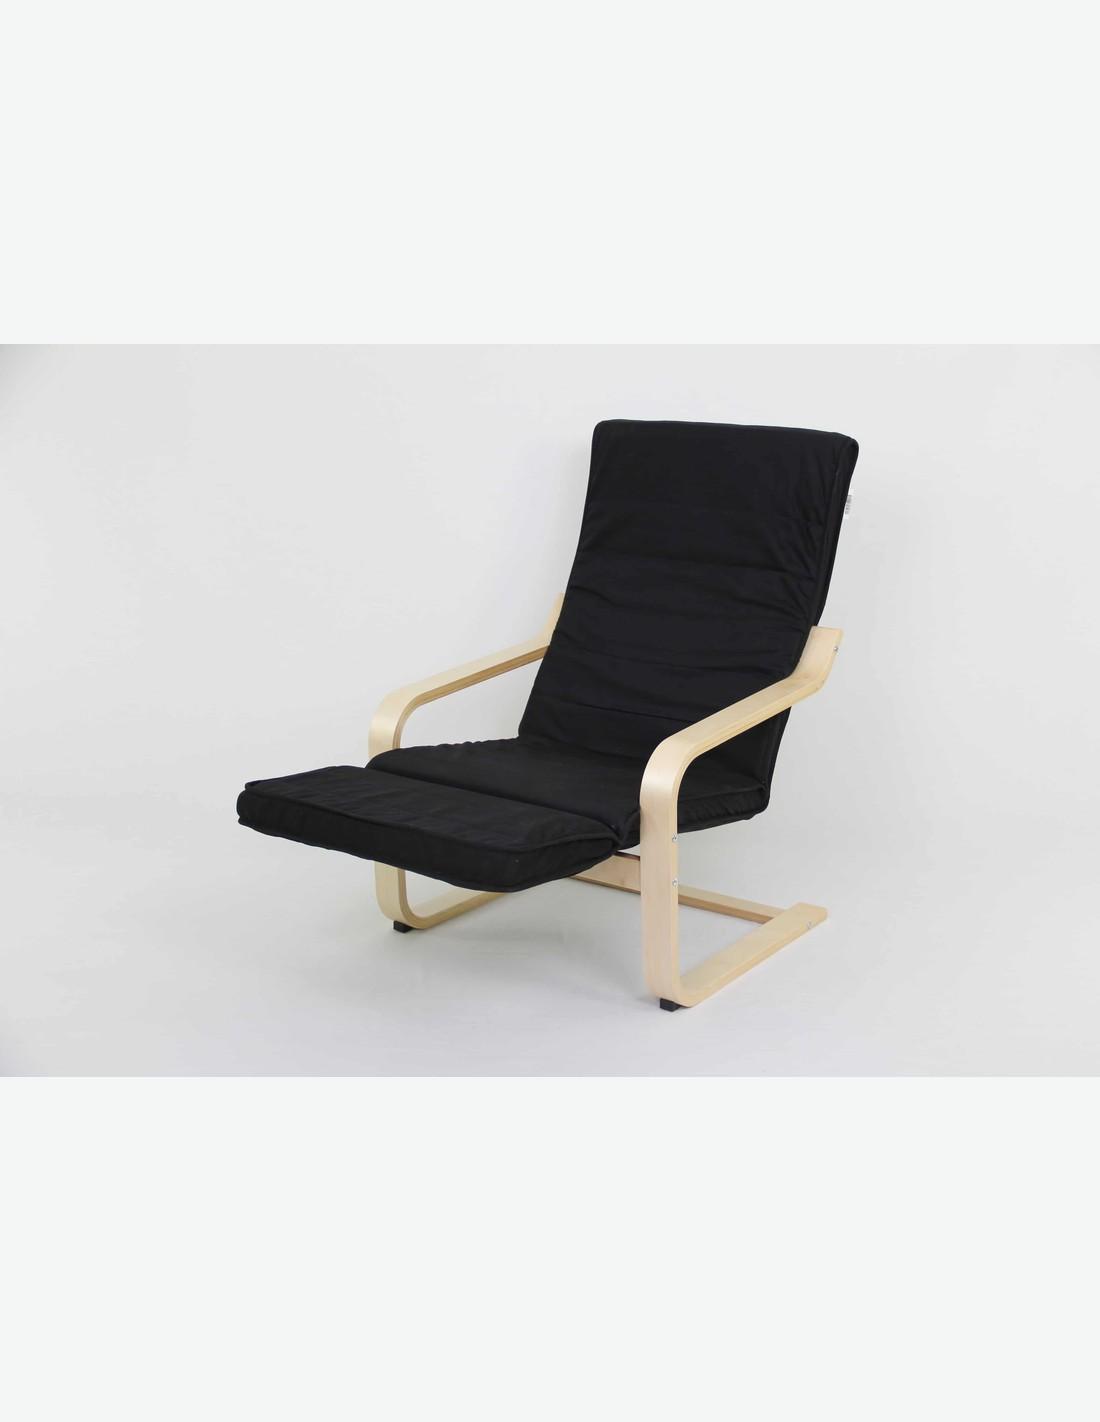 Sedia con poggiapiedi casamia idea di immagine for Sedia a dondolo con poggiapiedi